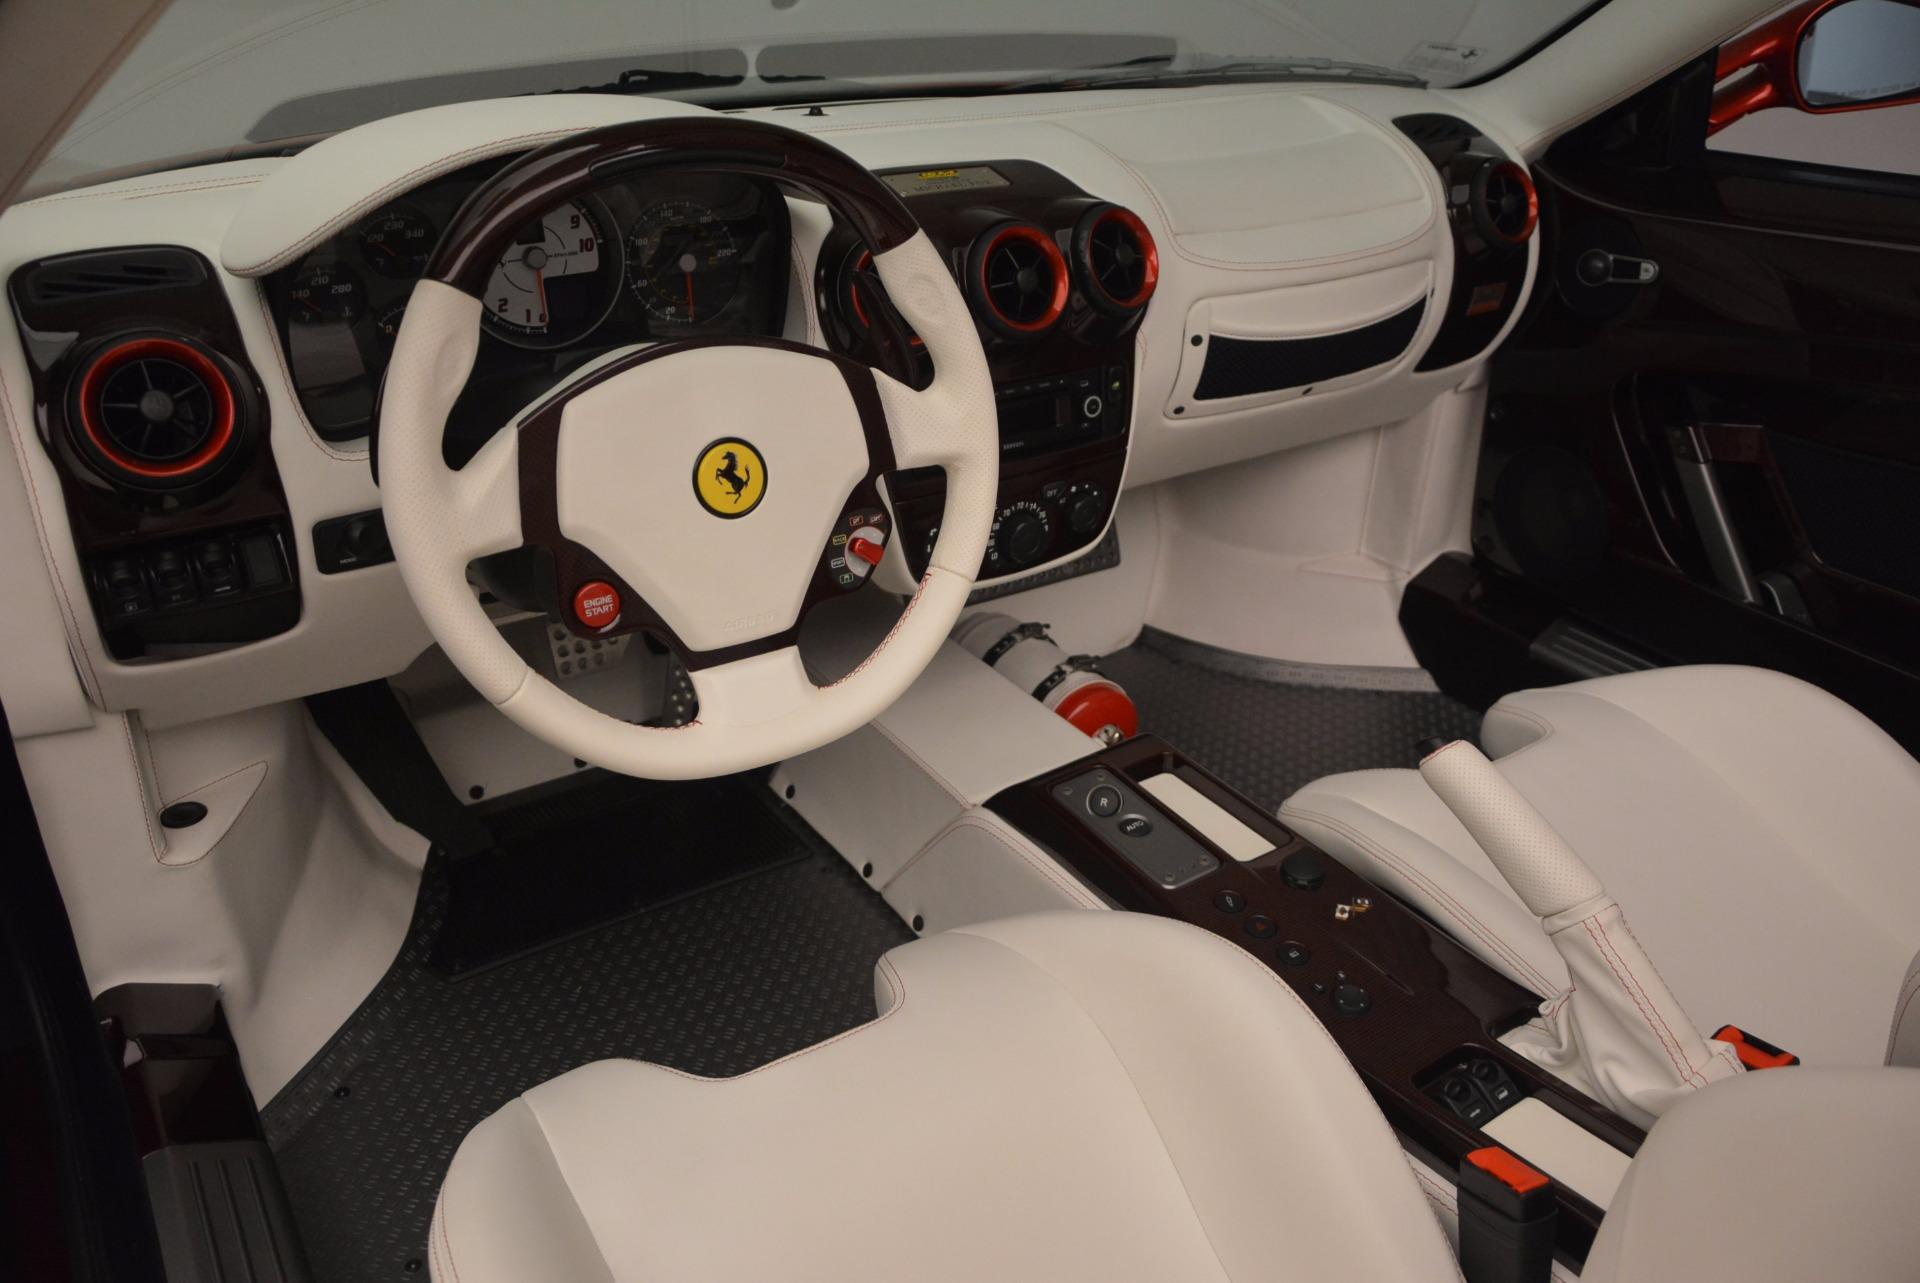 Used 2009 Ferrari F430 Scuderia 16M For Sale In Greenwich, CT. Alfa Romeo of Greenwich, 4404 1398_p25